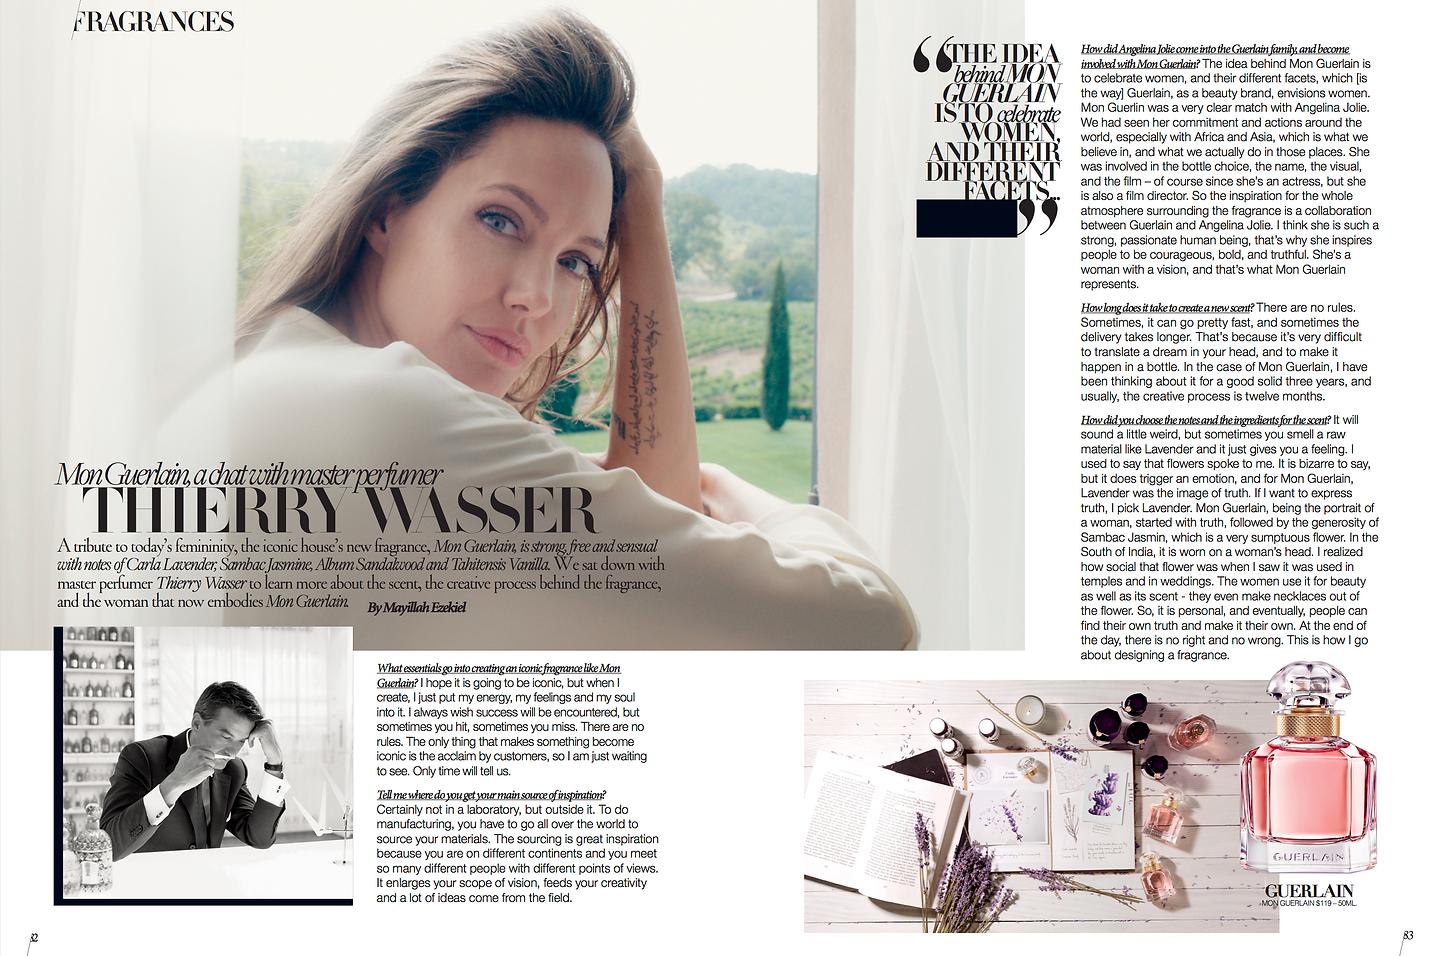 Thierry Wasser, Interview, Angelina Jolie, Mon Guerlain, Guerlain